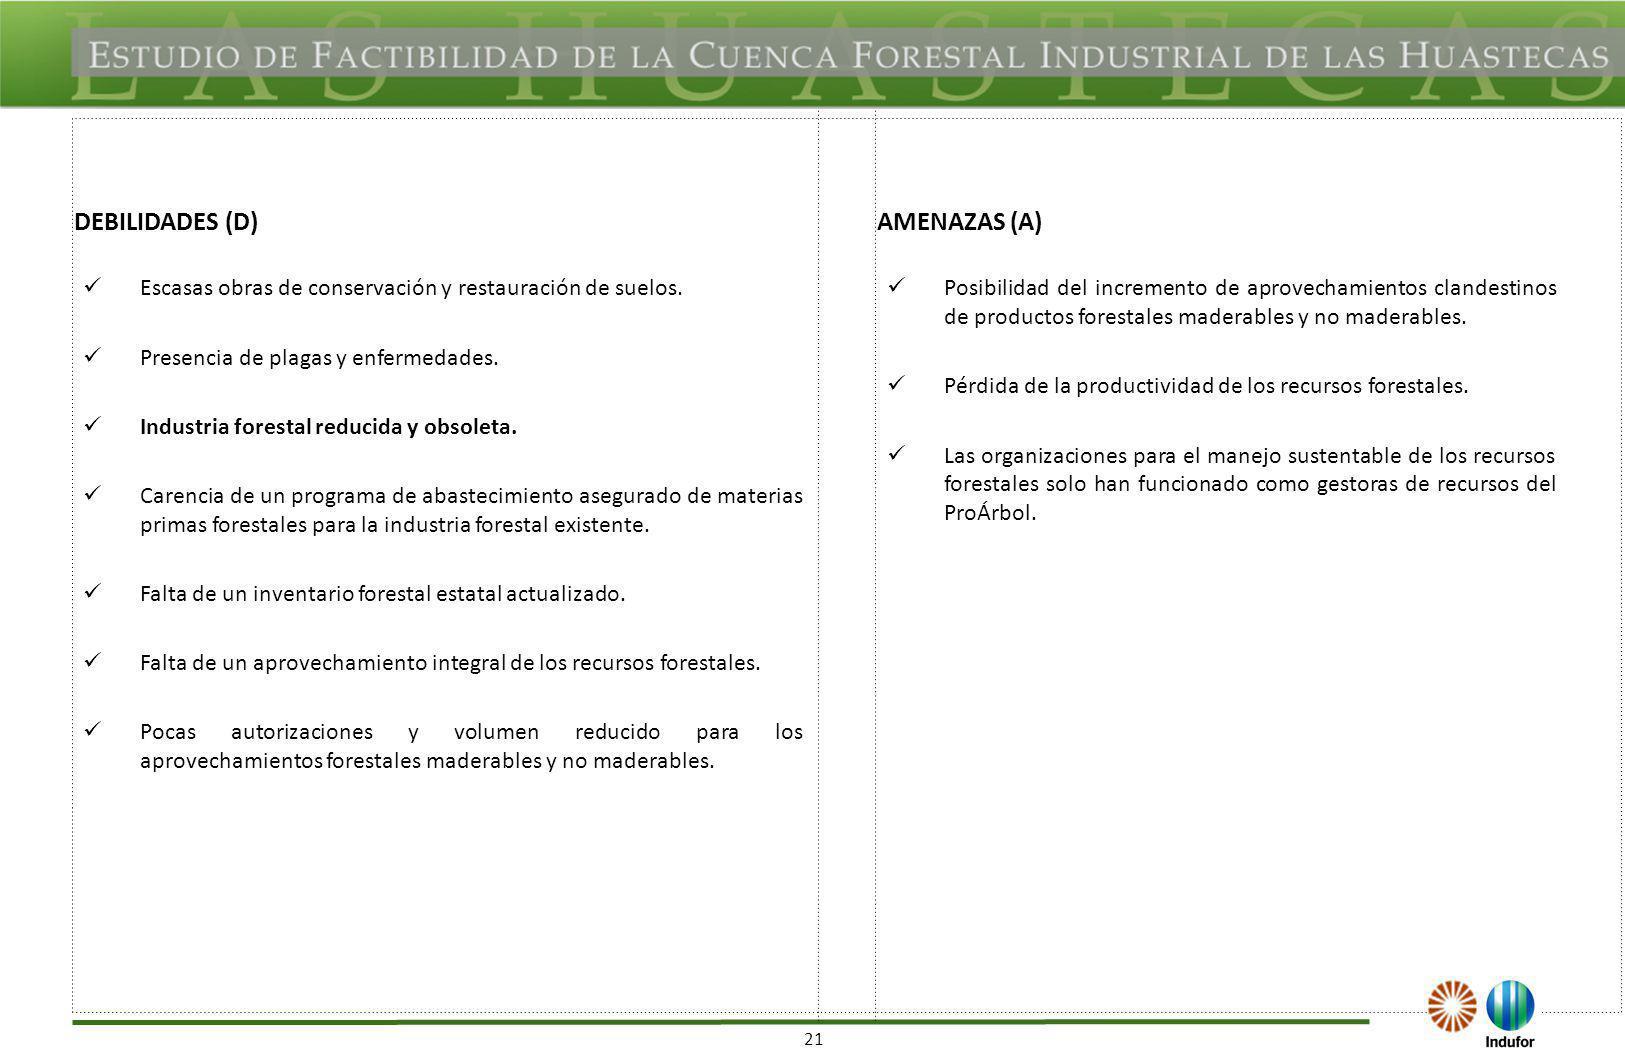 21 DEBILIDADES (D)AMENAZAS (A) Escasas obras de conservación y restauración de suelos. Presencia de plagas y enfermedades. Industria forestal reducida